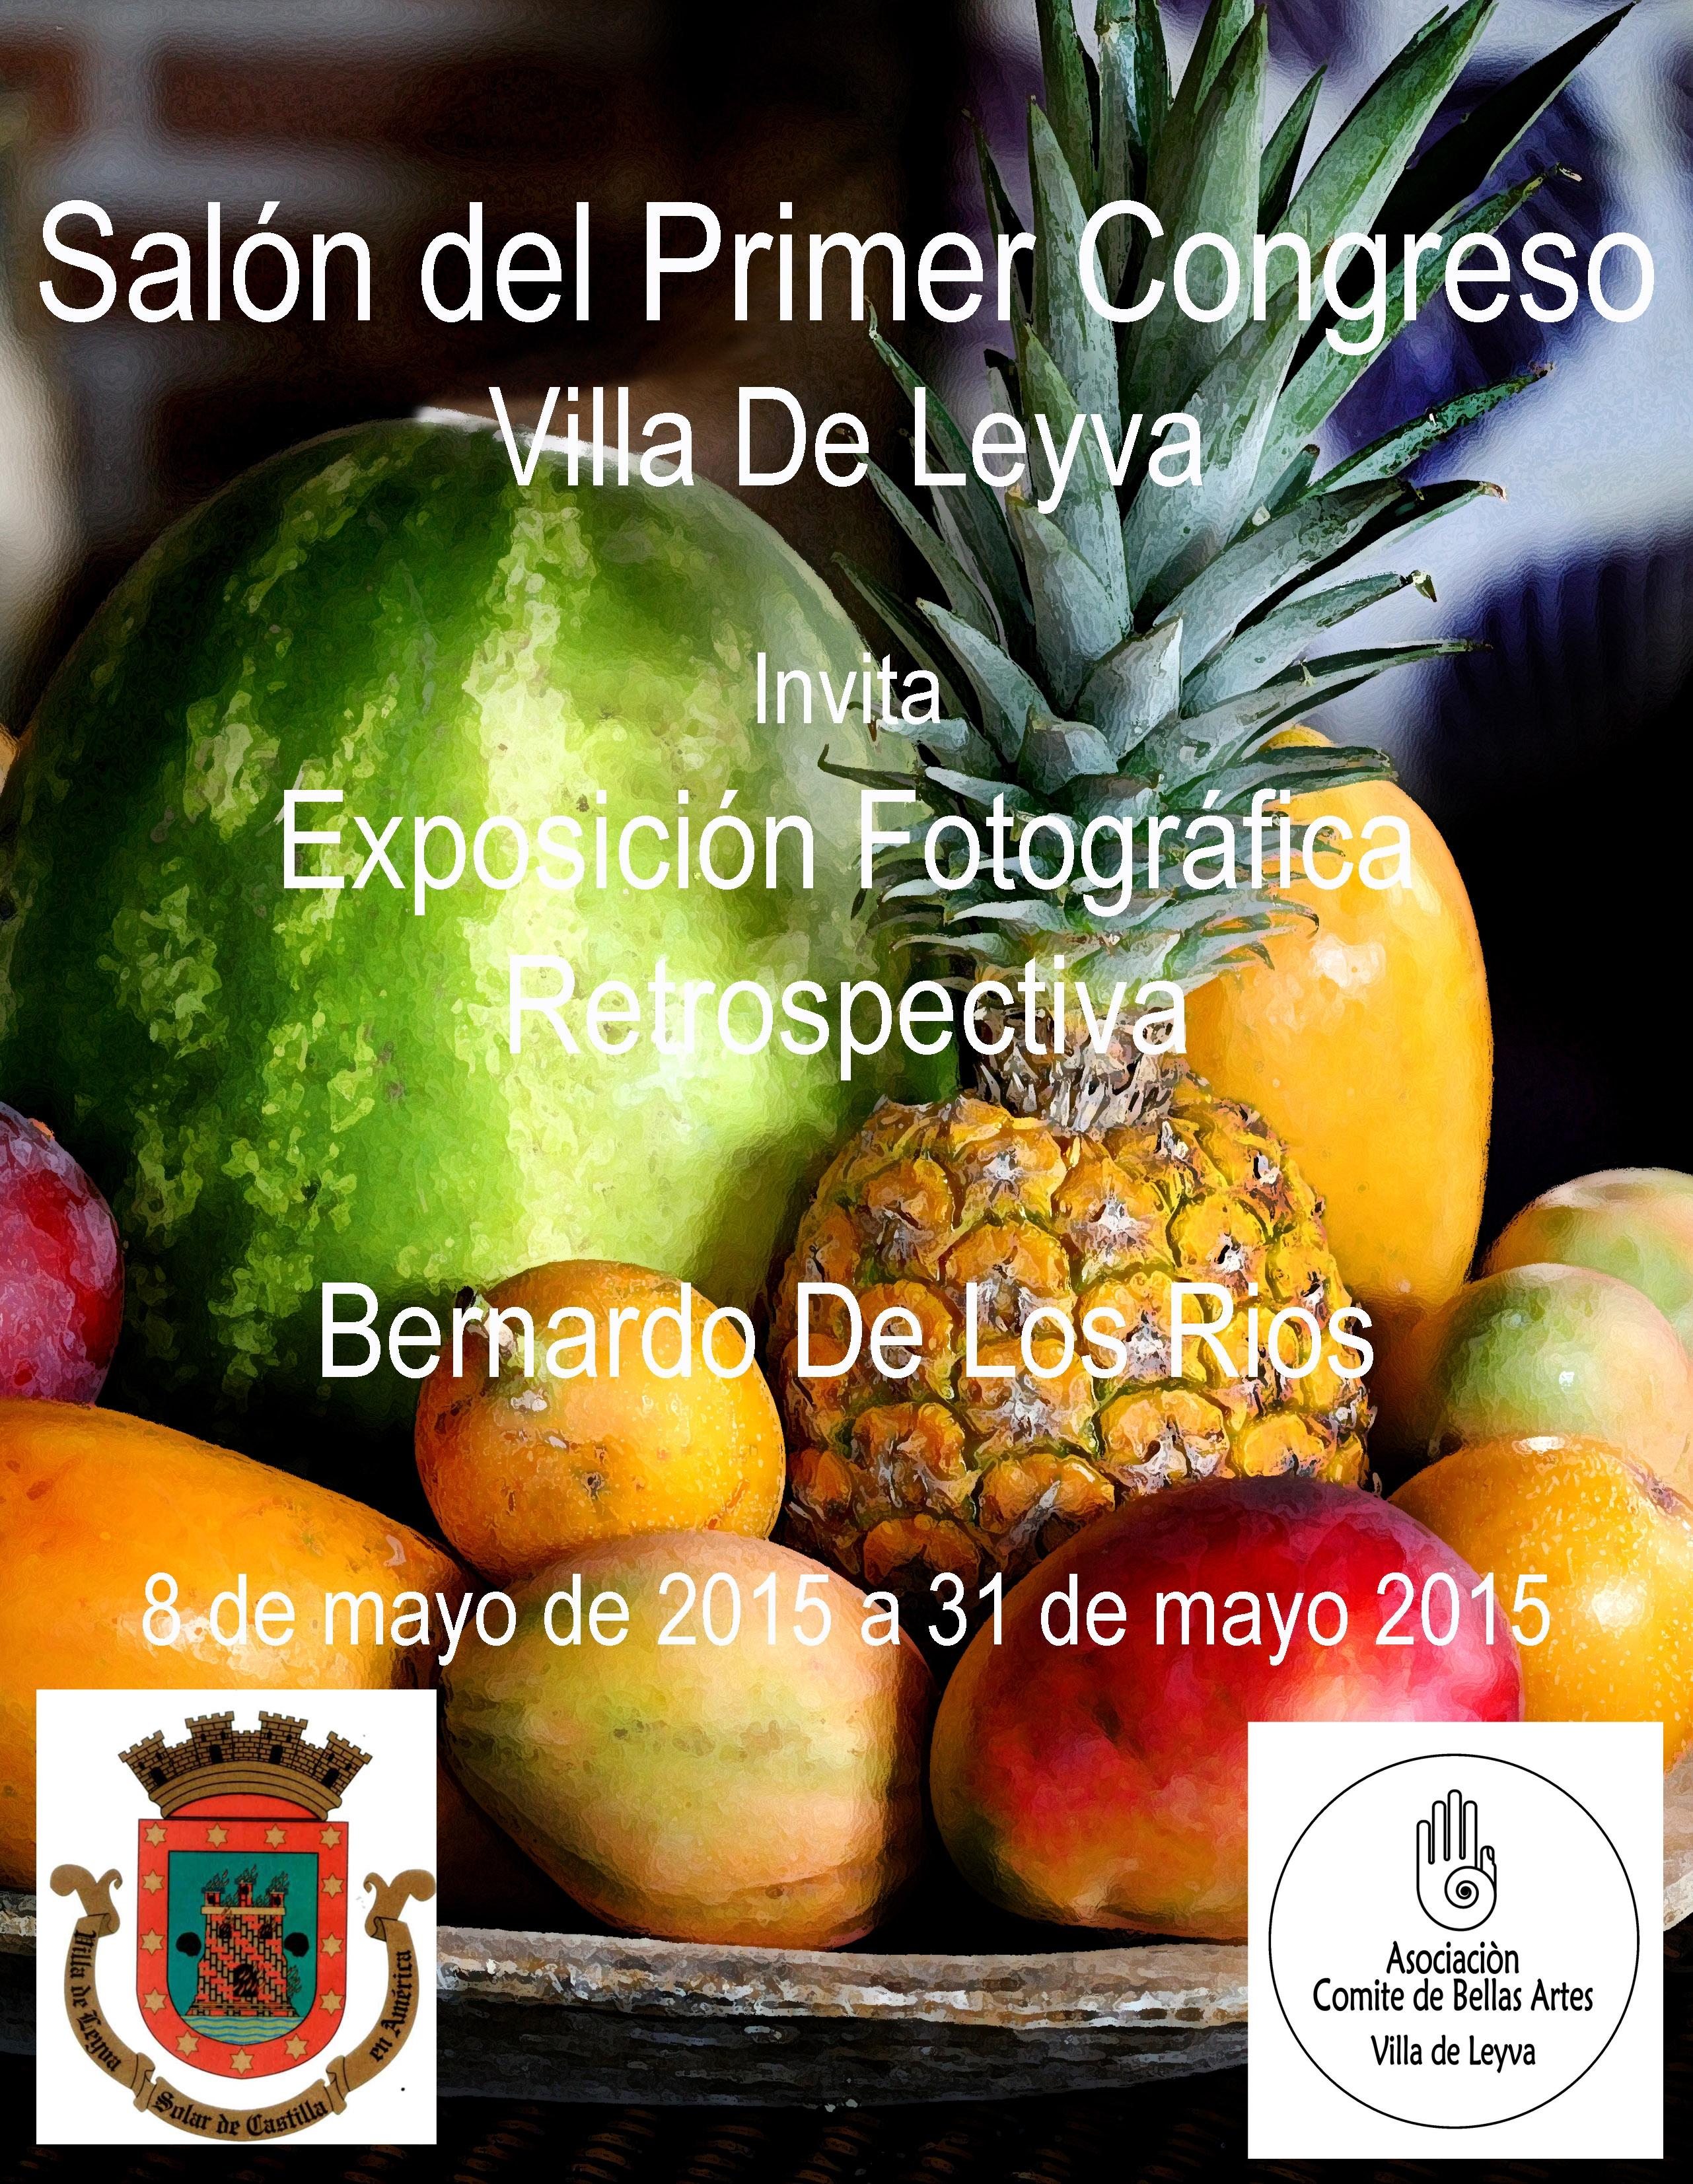 Exposición de fotografía Bernardo de los Ríos